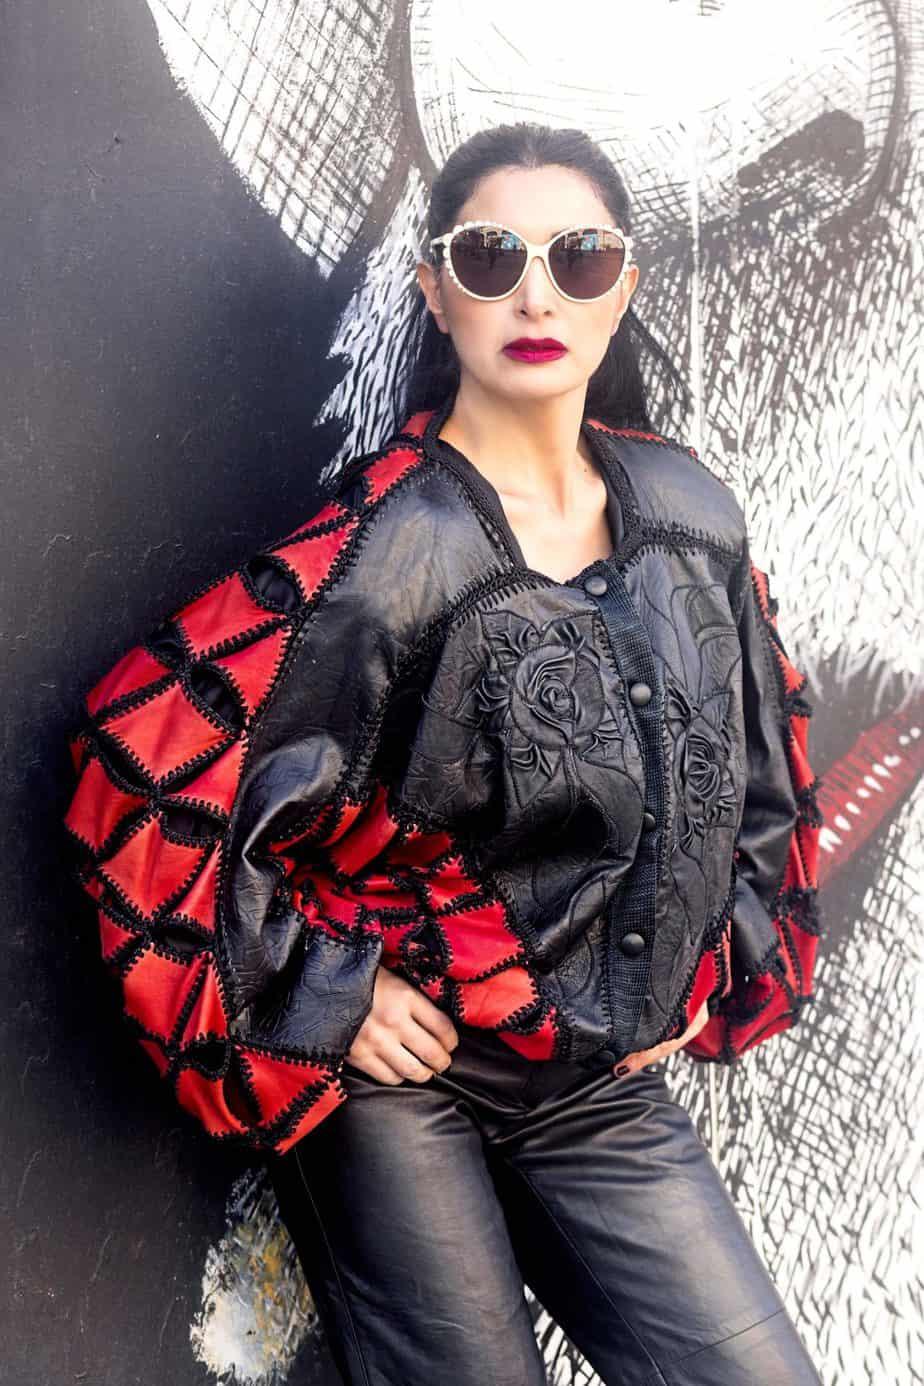 ז'קט עור SOFIA LOREN. מאיה אושרי כהן, צילום: Gennadiy Tsodik, אופנה במנהרת הזמן, לוני ויטג׳ -